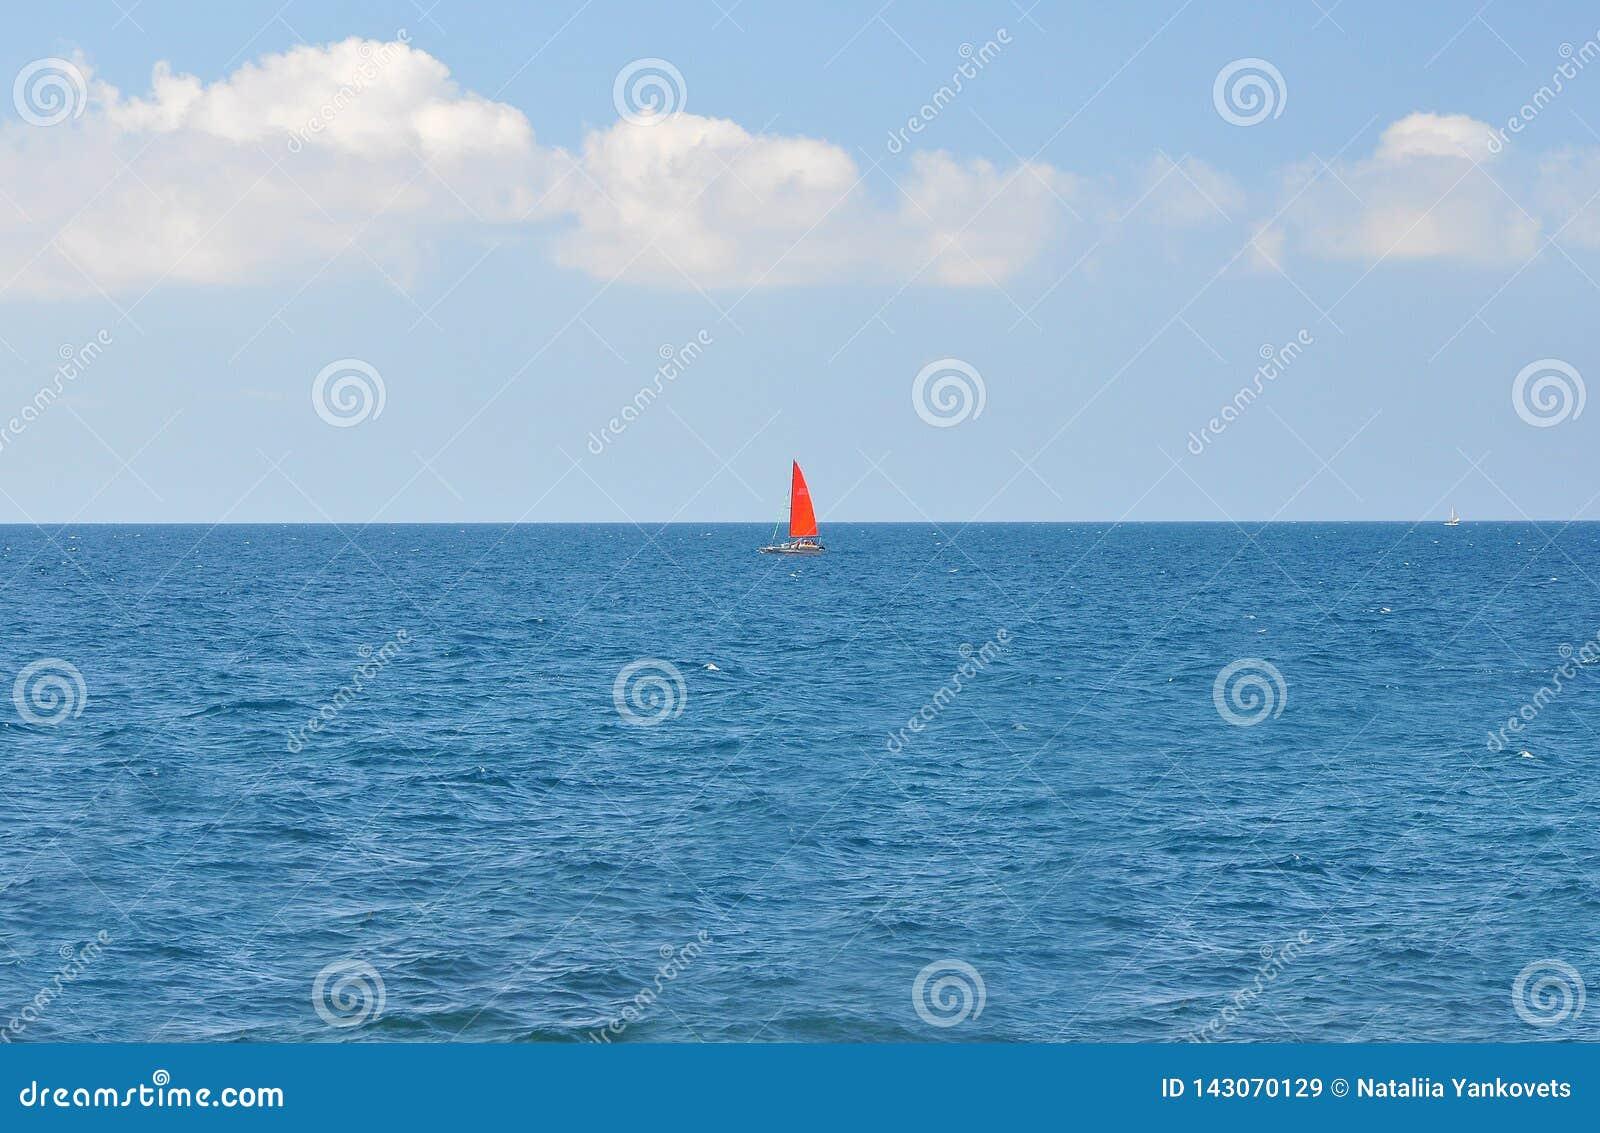 Ein Boot mit einem roten Segel, das entlang das blaue Meer auf einem Hintergrund des blauen Himmels schwimmt